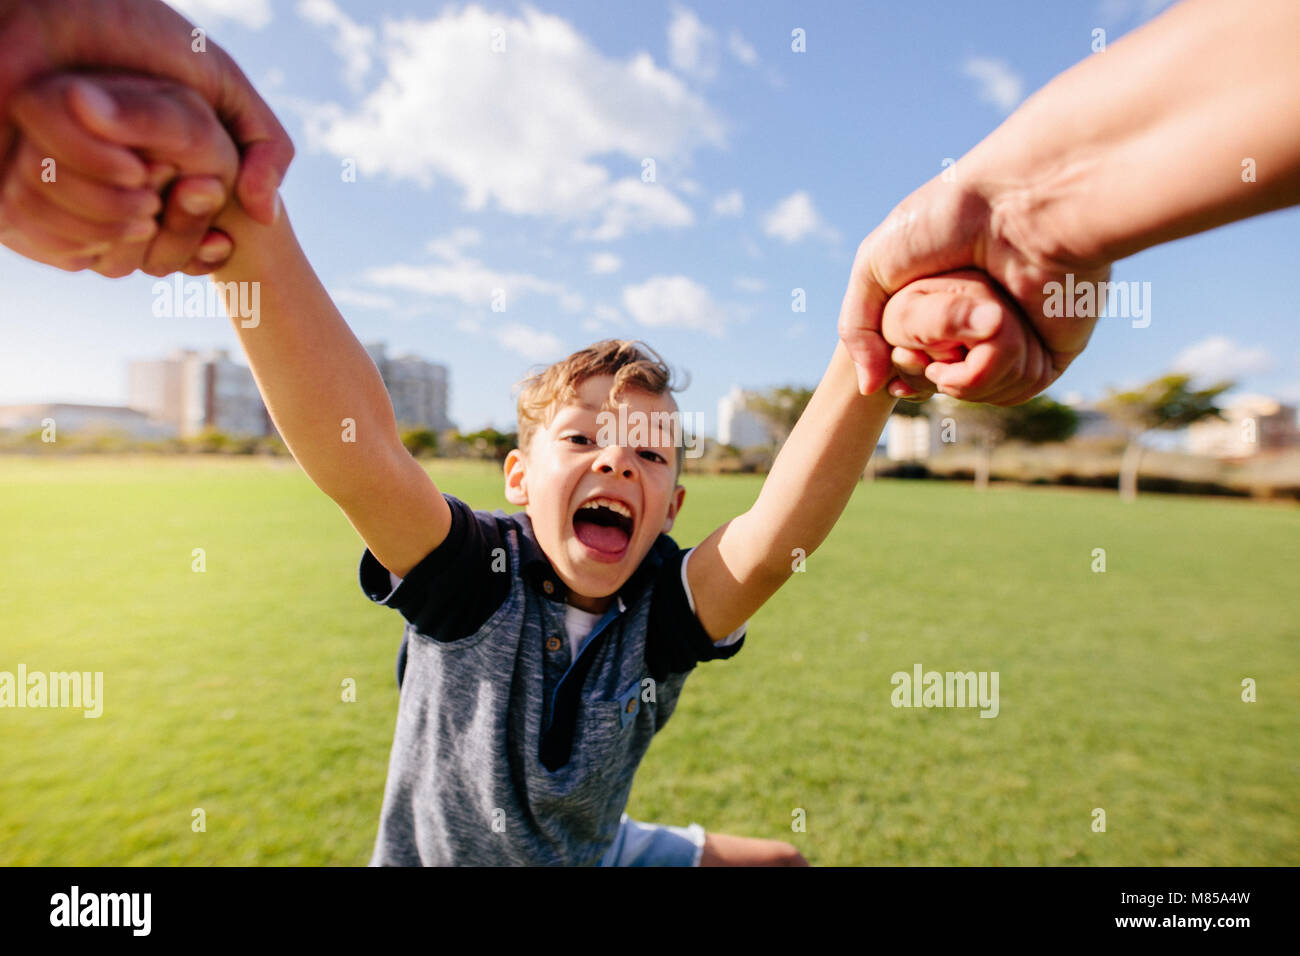 Fröhliche Junge genießt, in die Luft, während das Spielen in einem Park aufgehoben. Nahaufnahme eines Stockbild